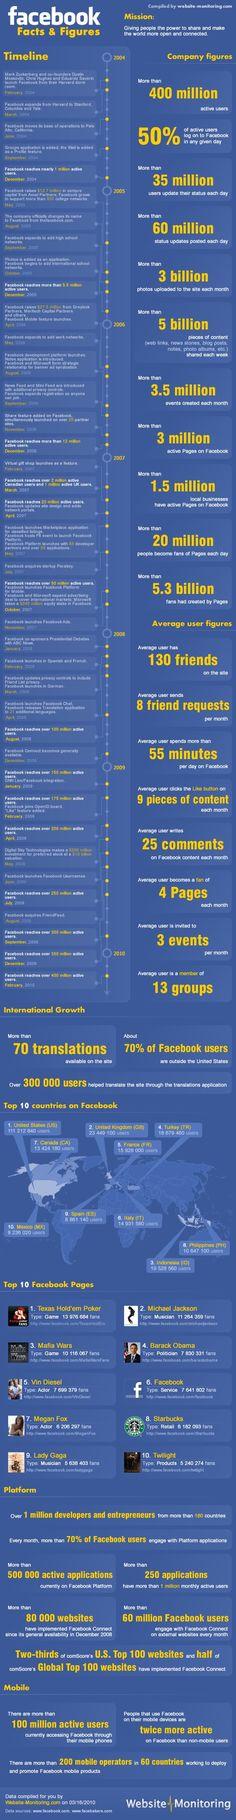 Facebook Facts & Figures Timeline